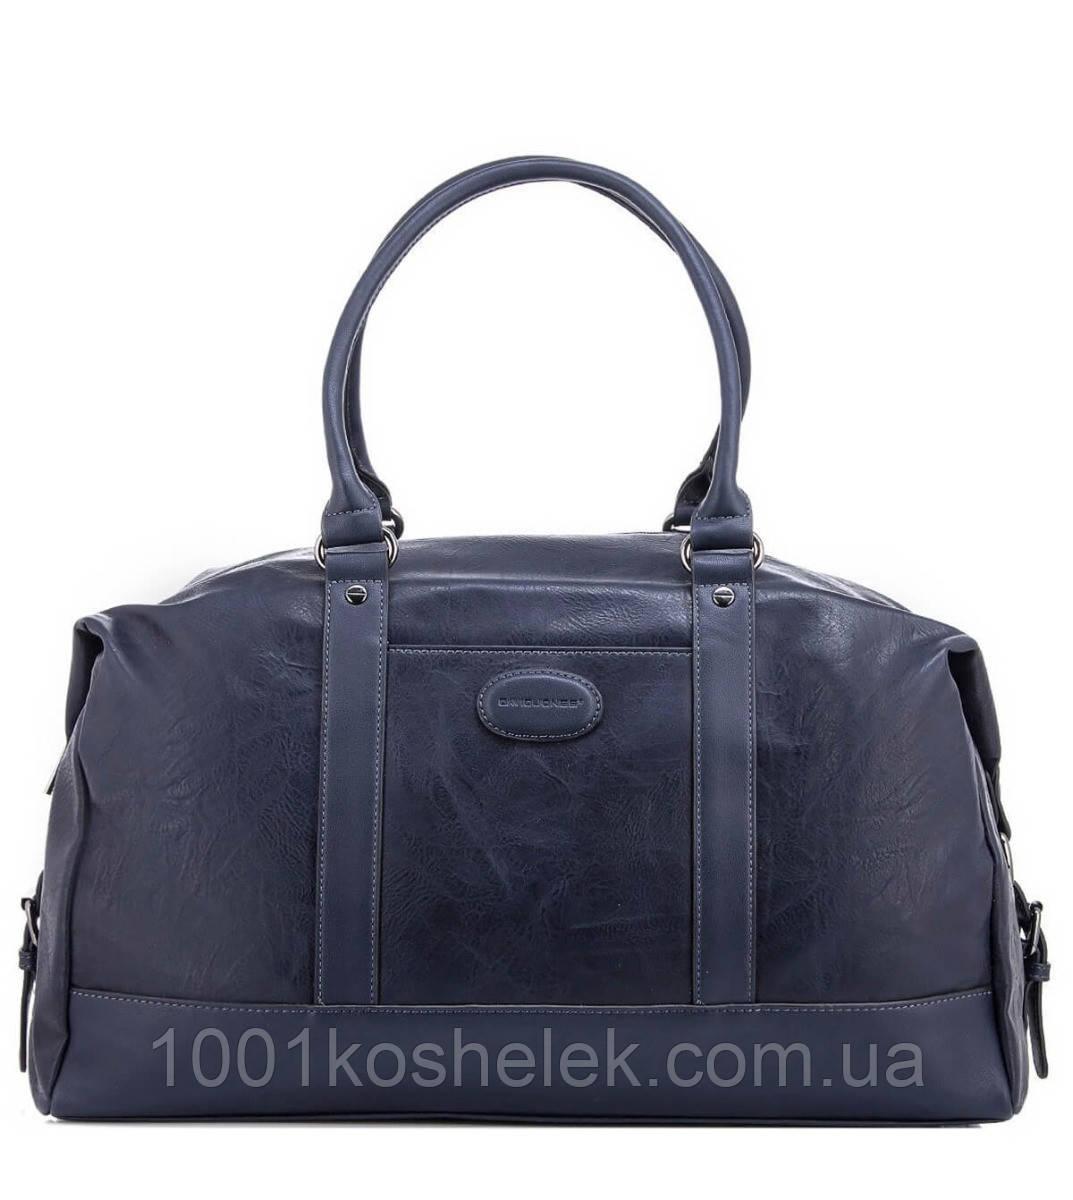 Дорожная сумка David Jones CM3258 (Синий)